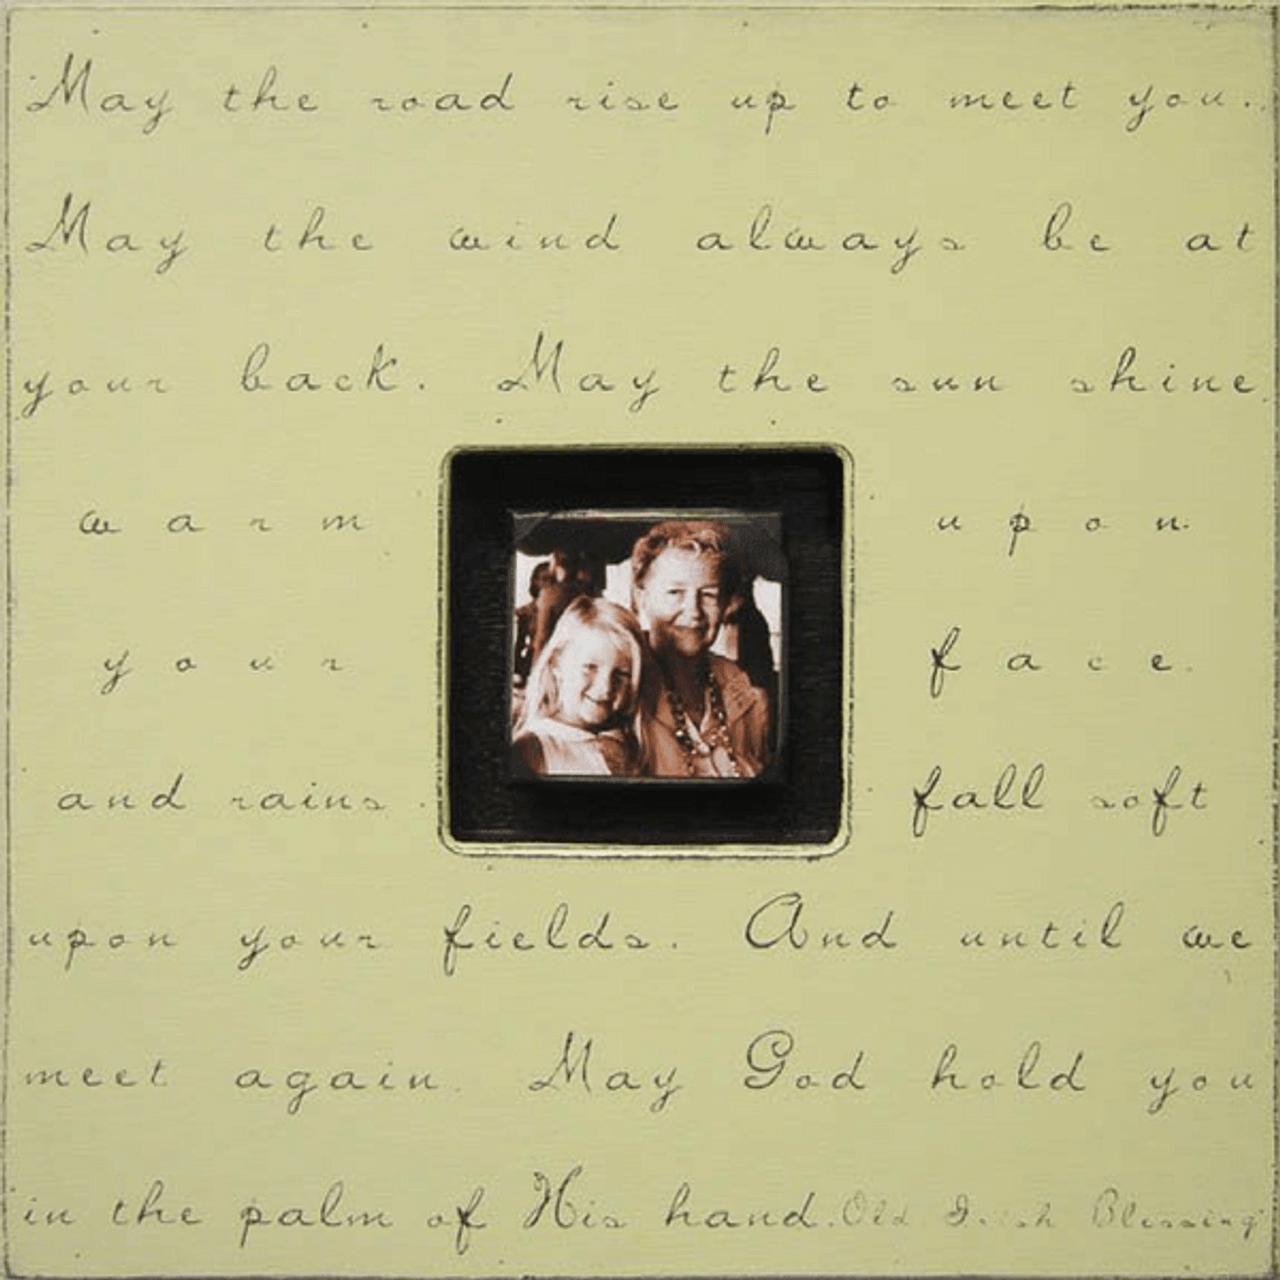 may the road - photo box